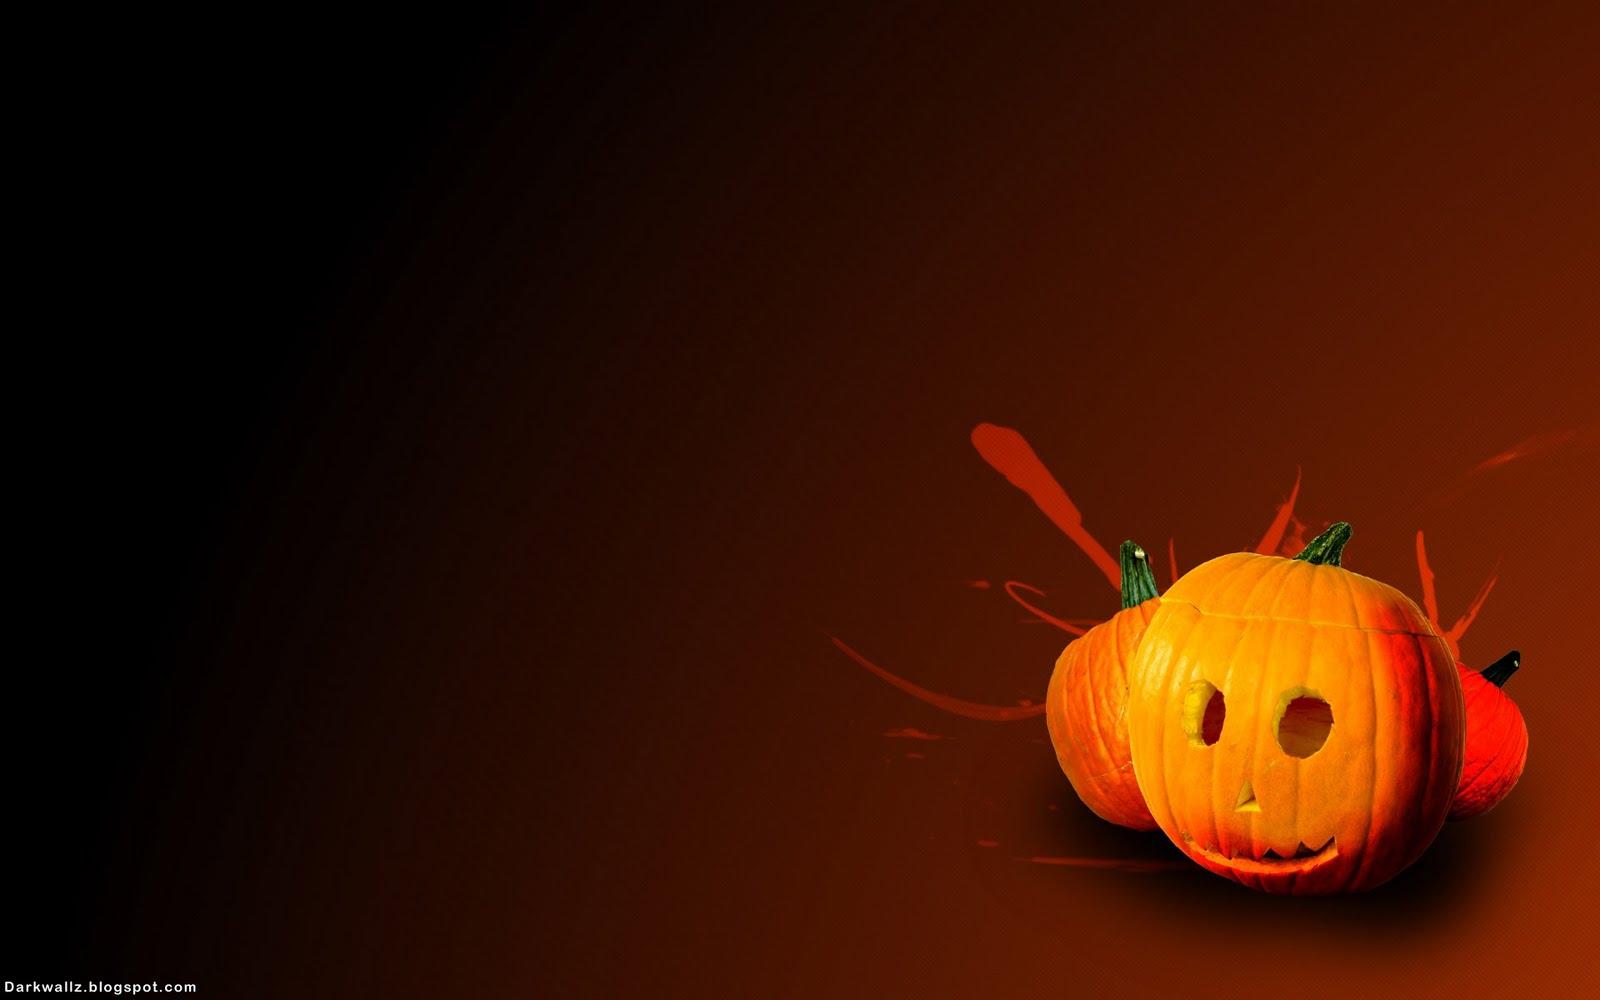 Halloween Wallpapers 28 | Dark Wallpaper Download